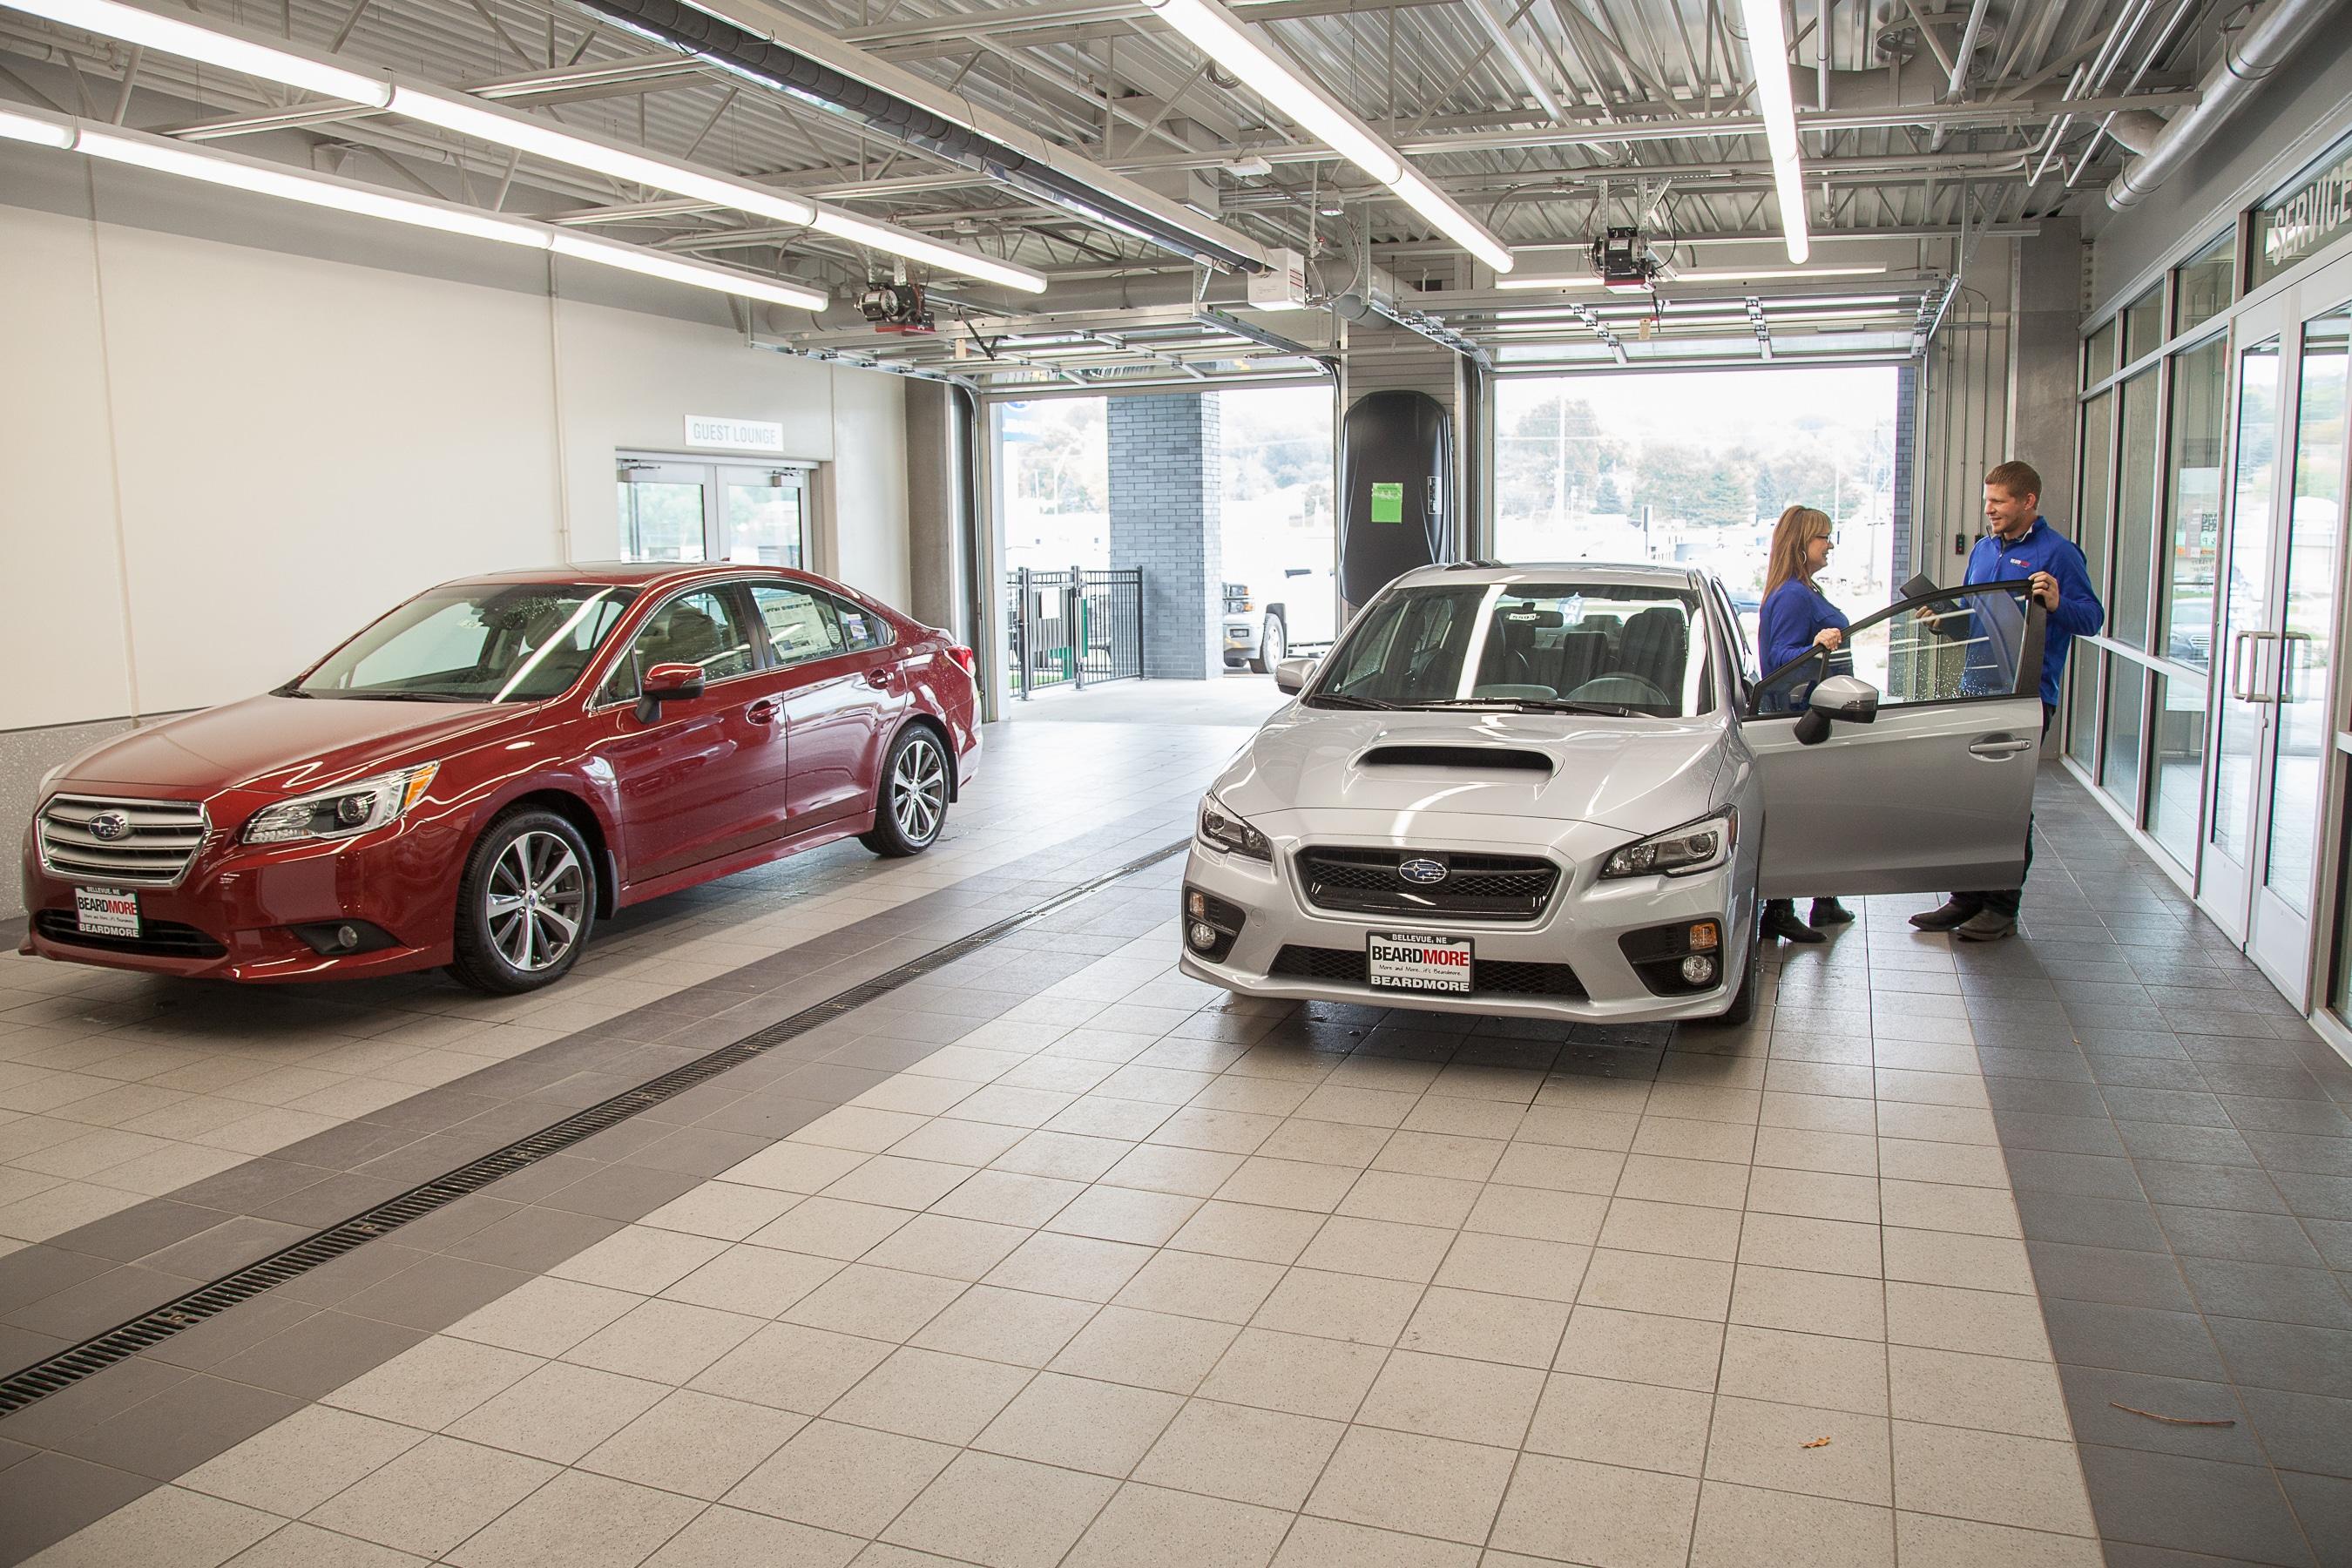 Omaha Area Subaru Repair | Beardmore Subaru Repair Center ...